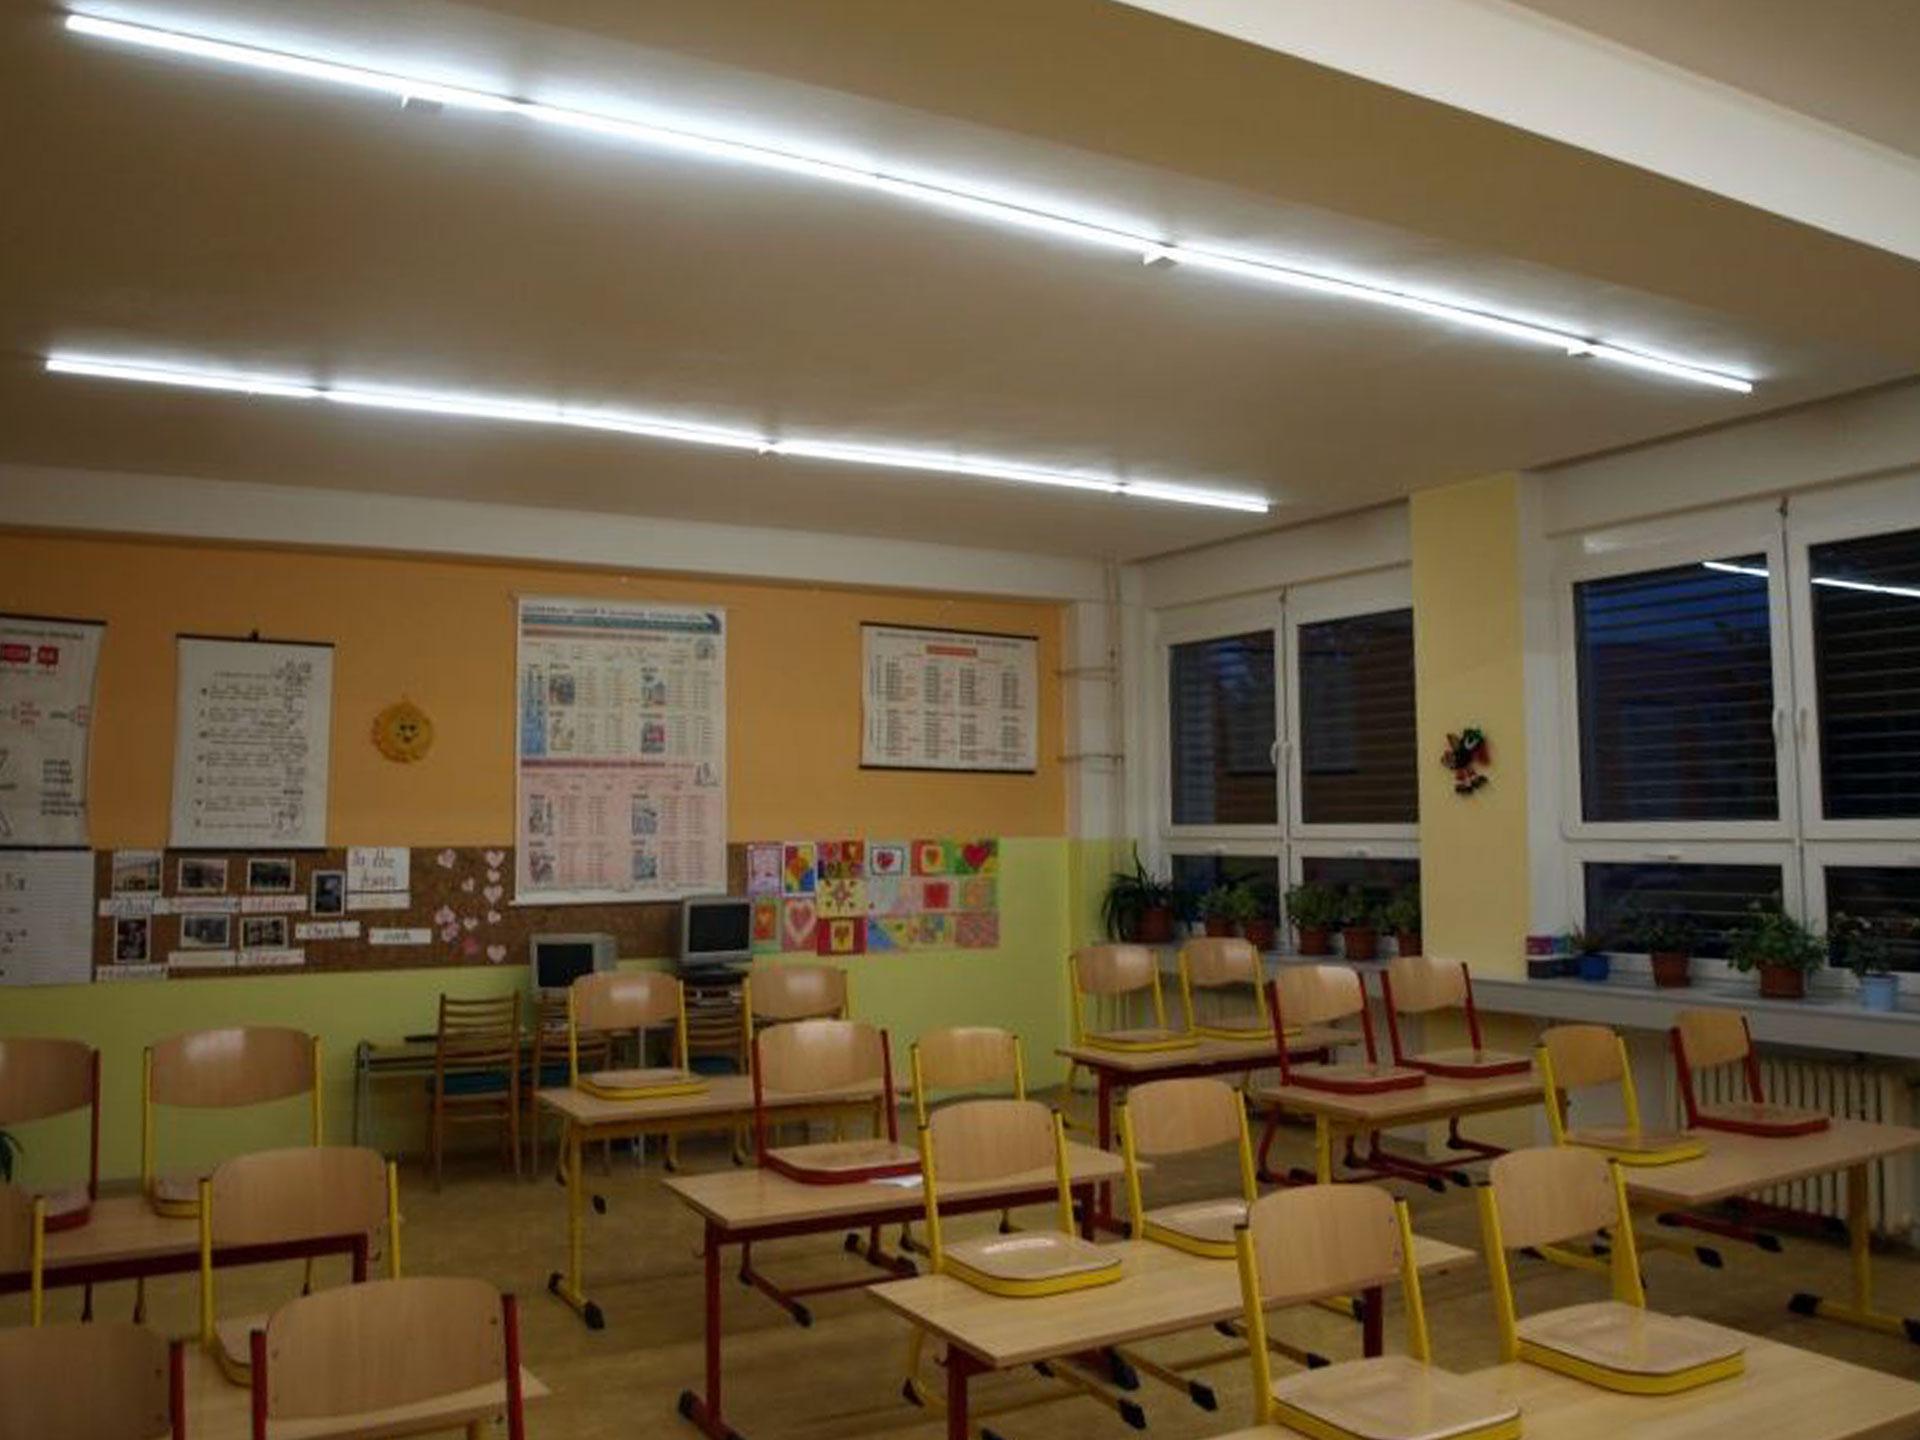 Instalace osvětlení v základní škole 71fca91a9d